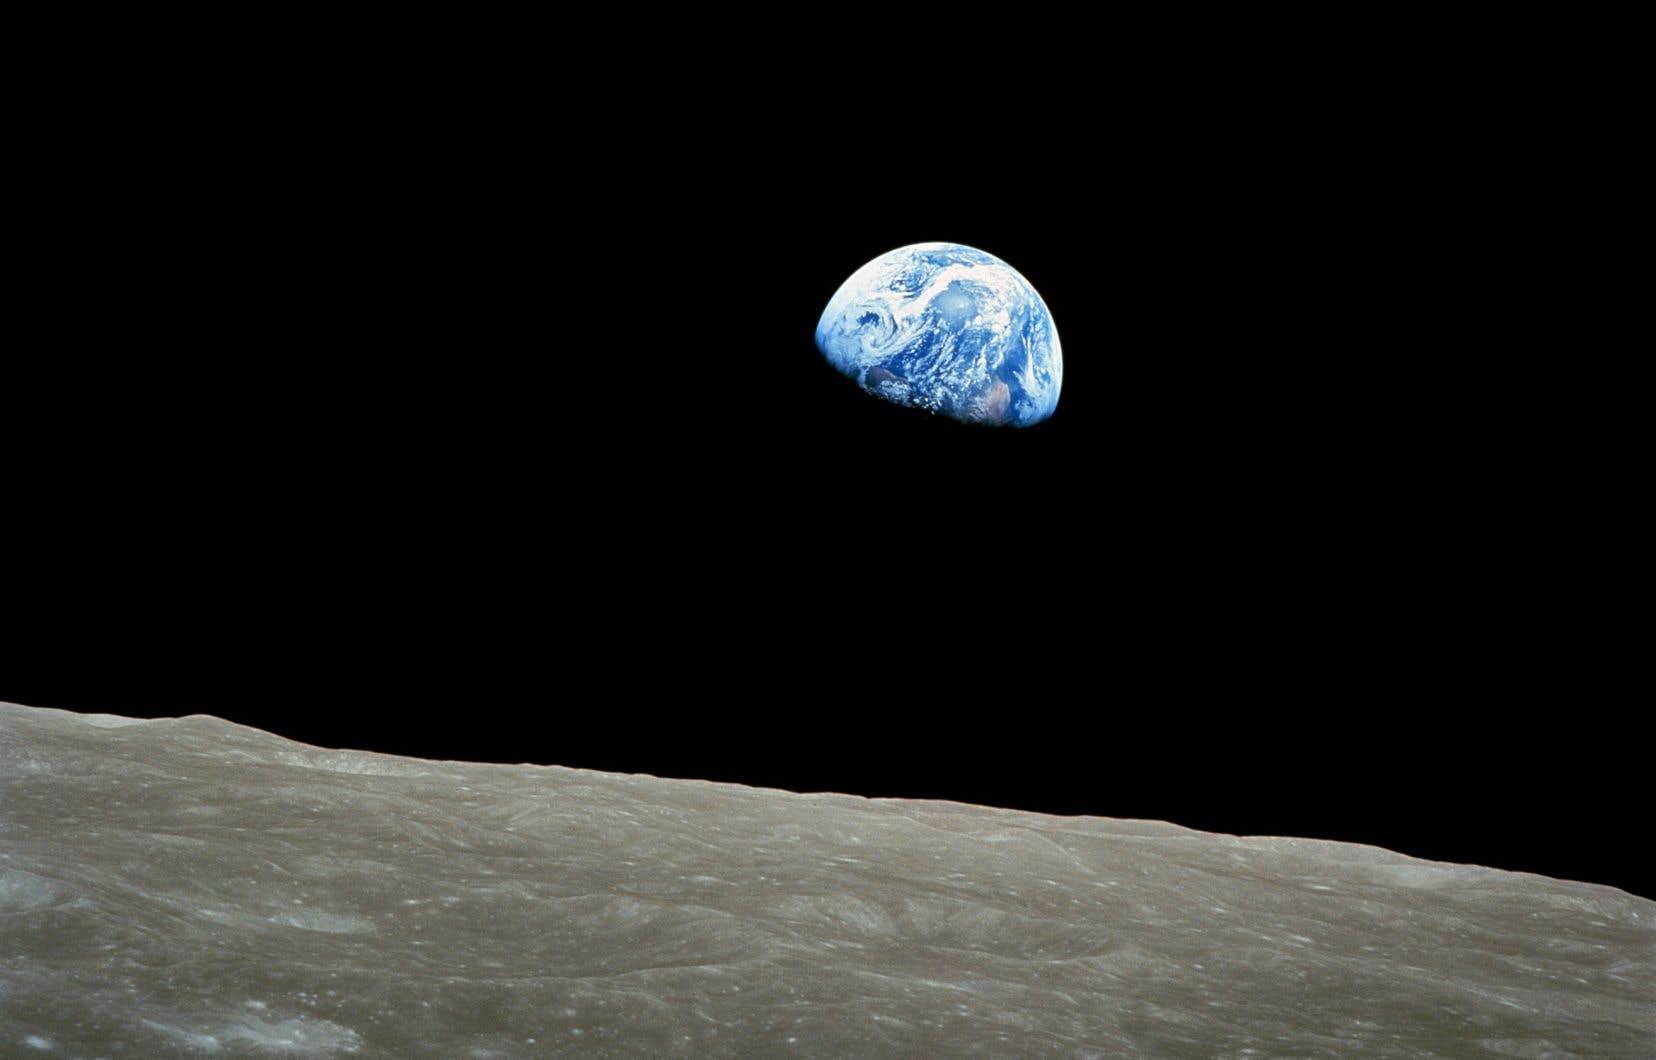 Première photo de lever de Terre de l'histoire, prise le 24 décembre 1968 par William Anders, membre d'équipage d'Apollo 8.